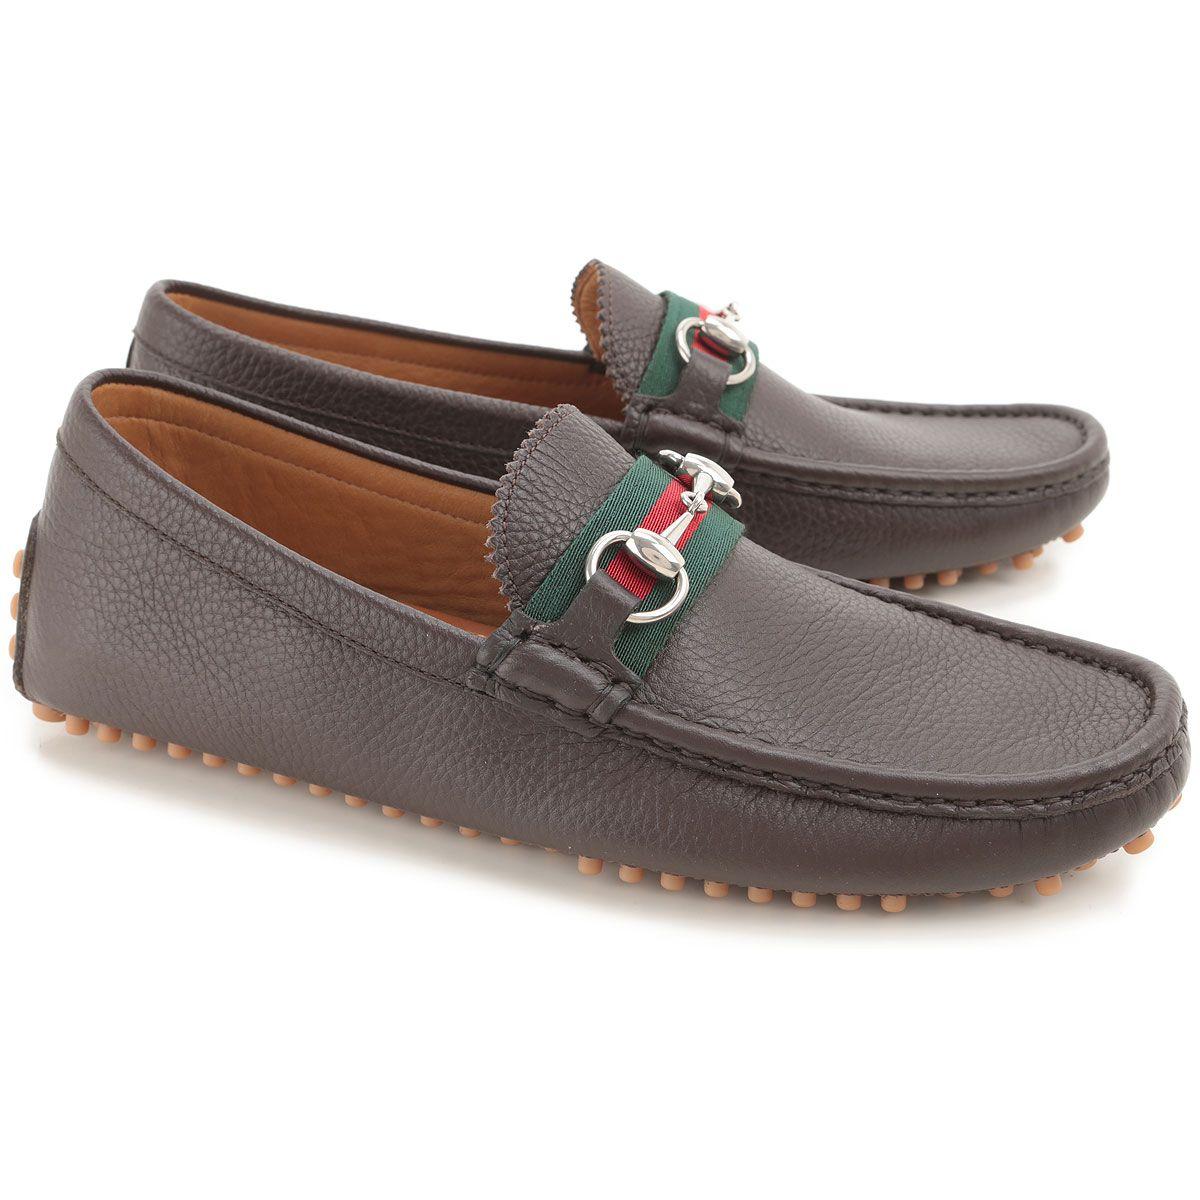 819dc9bce695d Zapatos para Hombres Gucci